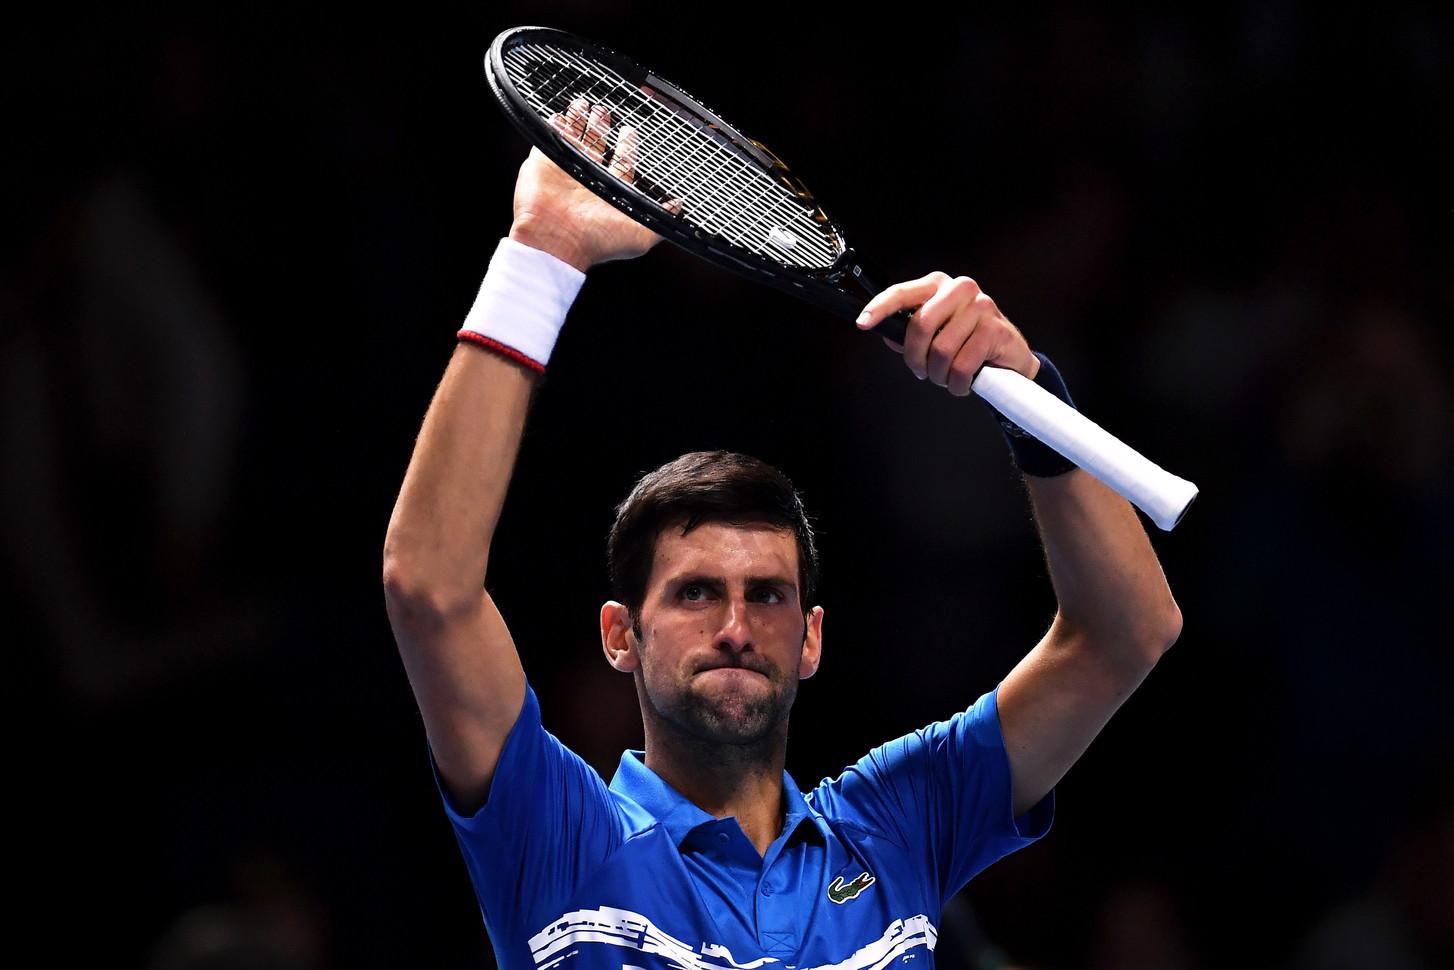 L'azzurro cede nettamente a Djokovic nel match d'apertura